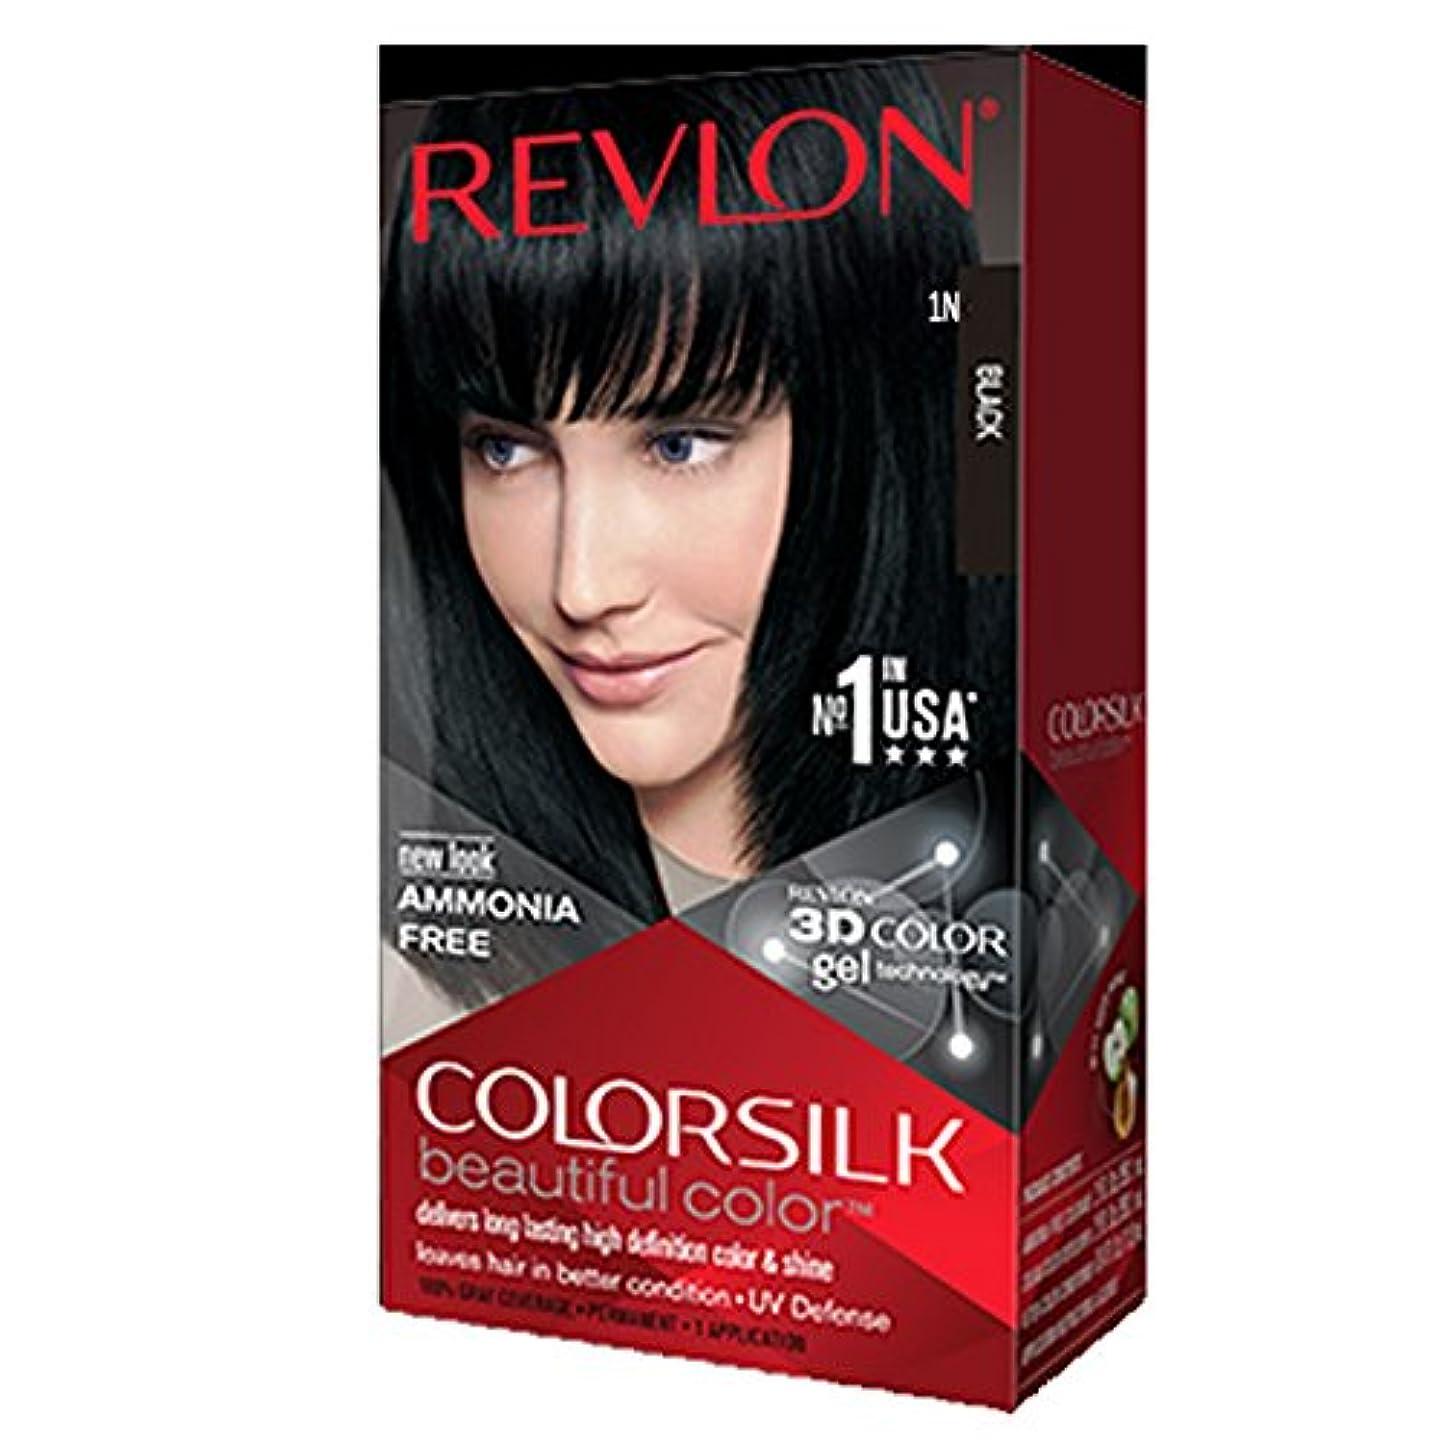 囲む春隣人Revlon Colorsilk Hair Color with 3D Color Gel Technology Black 1N